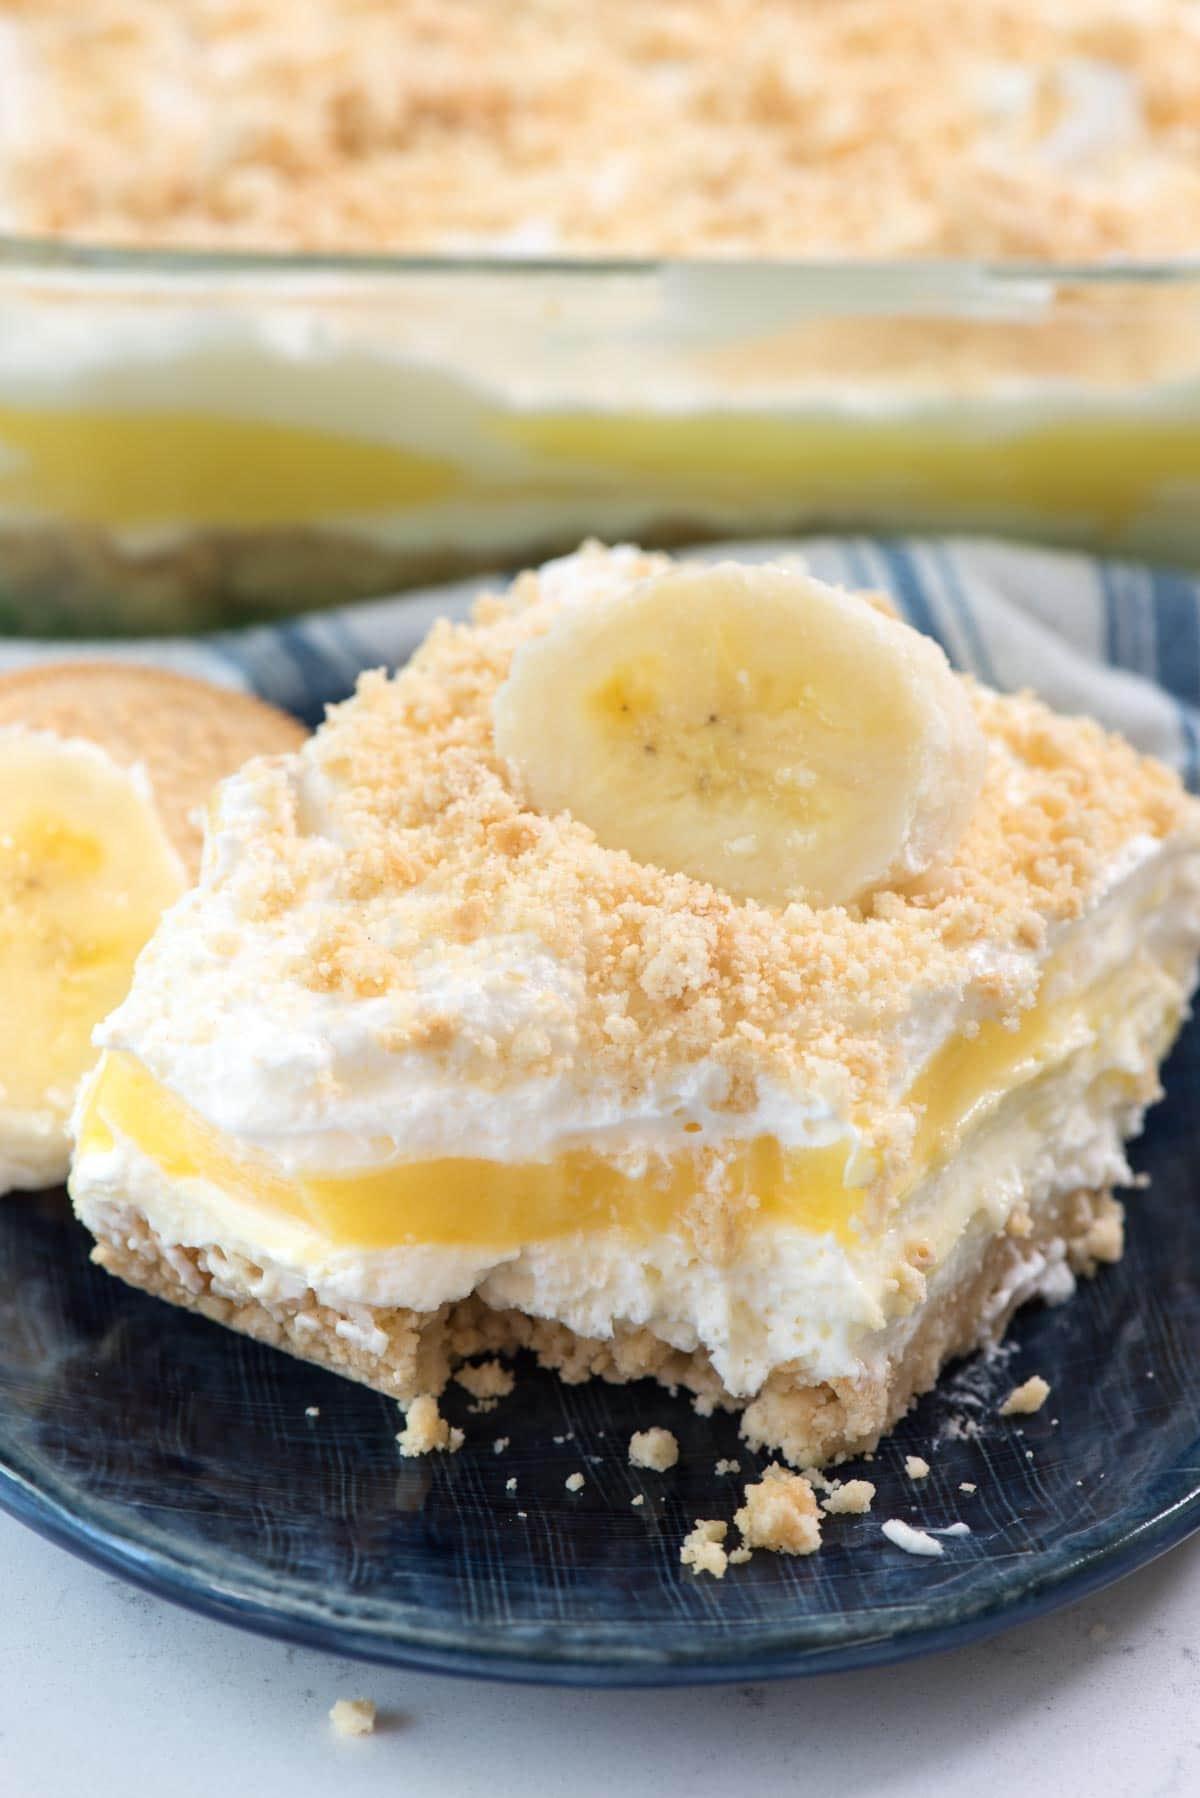 Easy Baking Dessert Recipes  No Bake Banana Pudding Dream Dessert Crazy for Crust